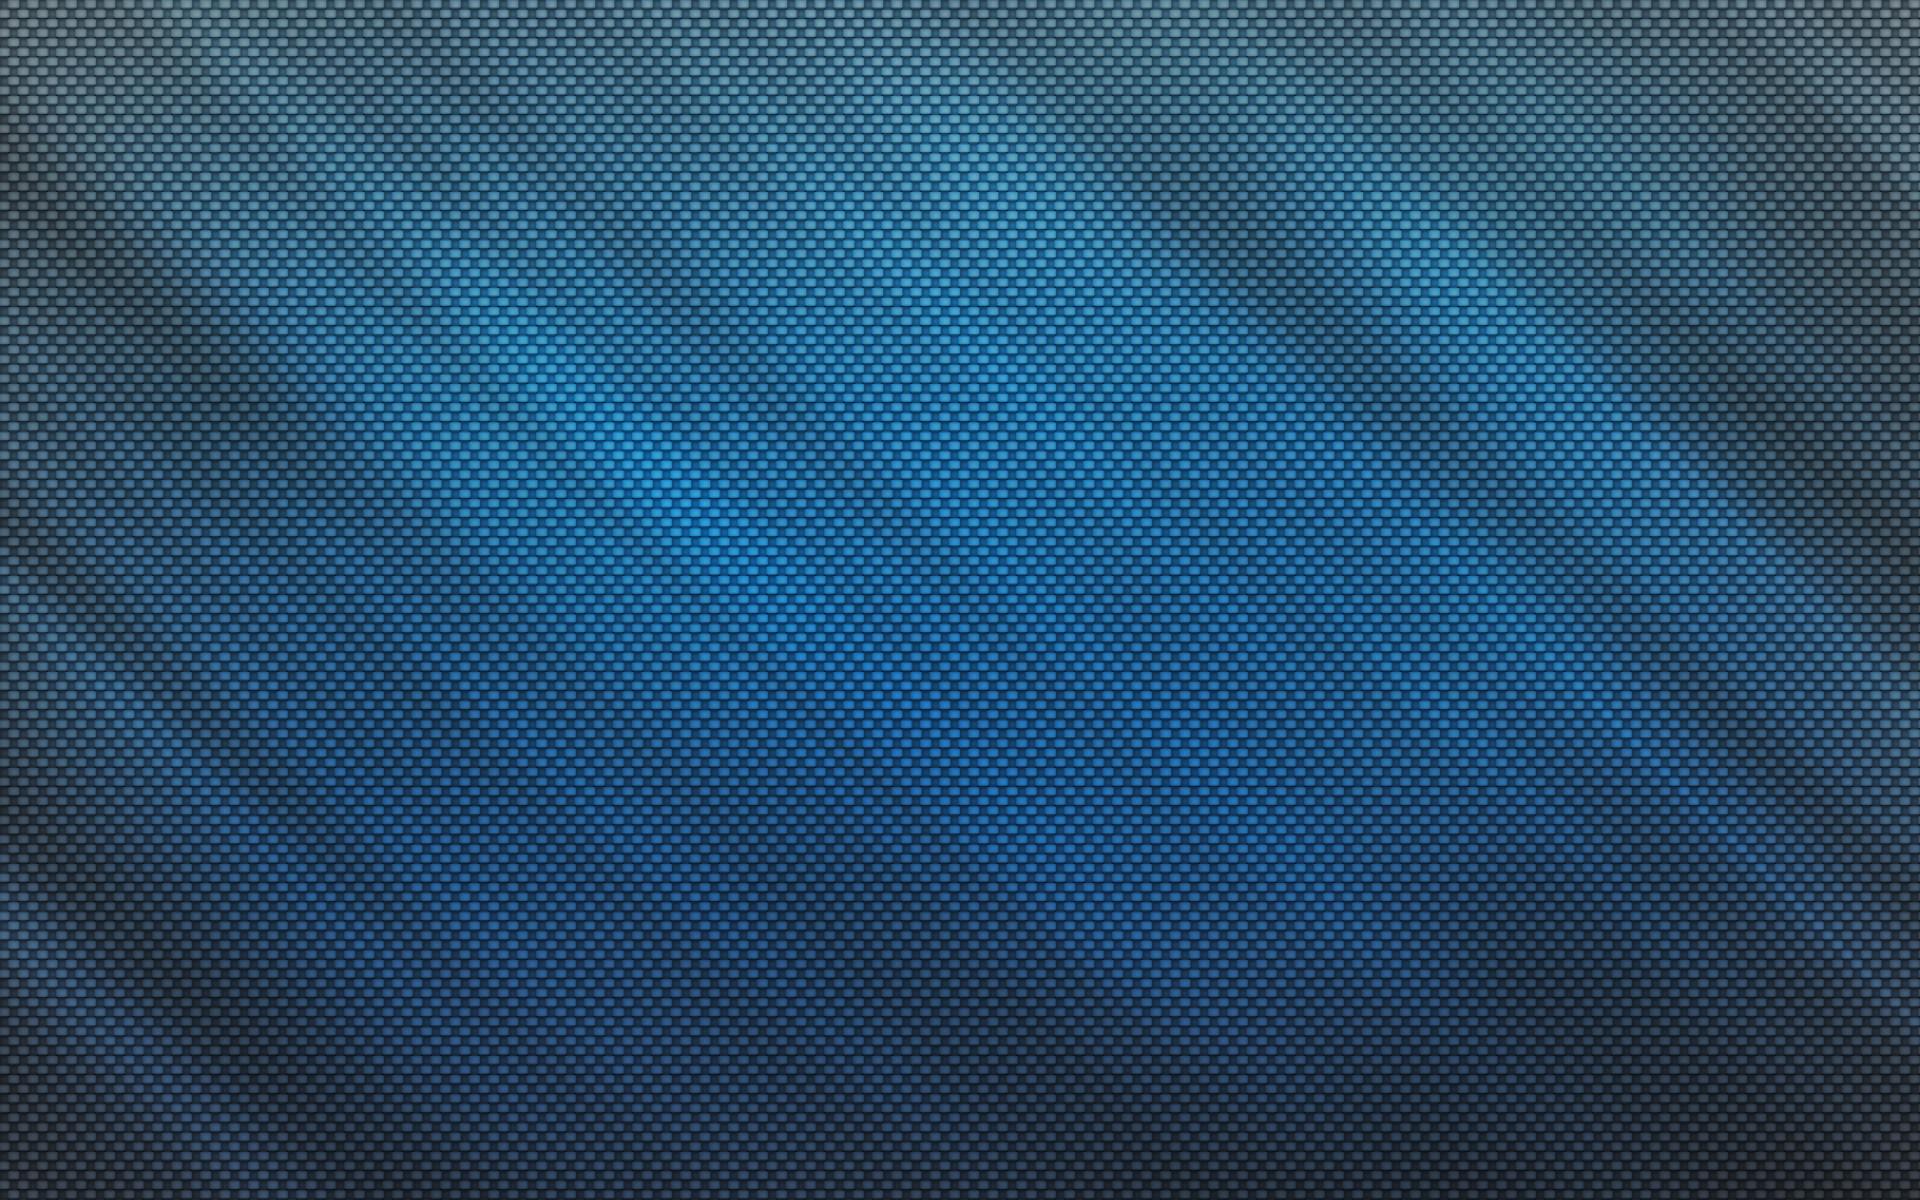 carbon fiber free desktop wallpaper